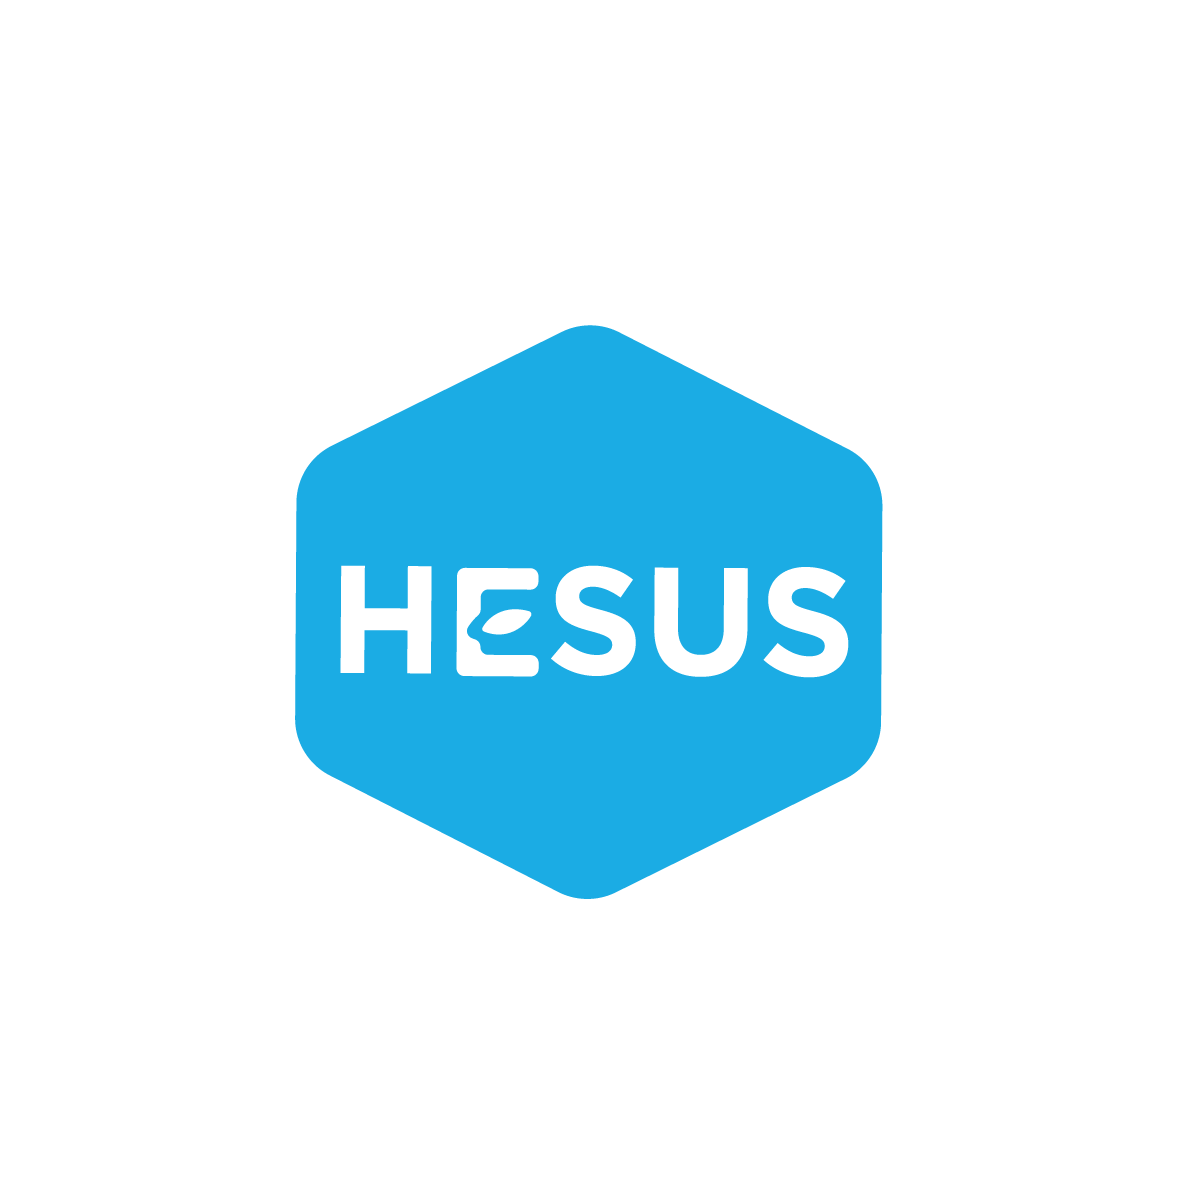 Hesus raises €10M from Paris Green Fund, Suez Ventures, and Construction Venture